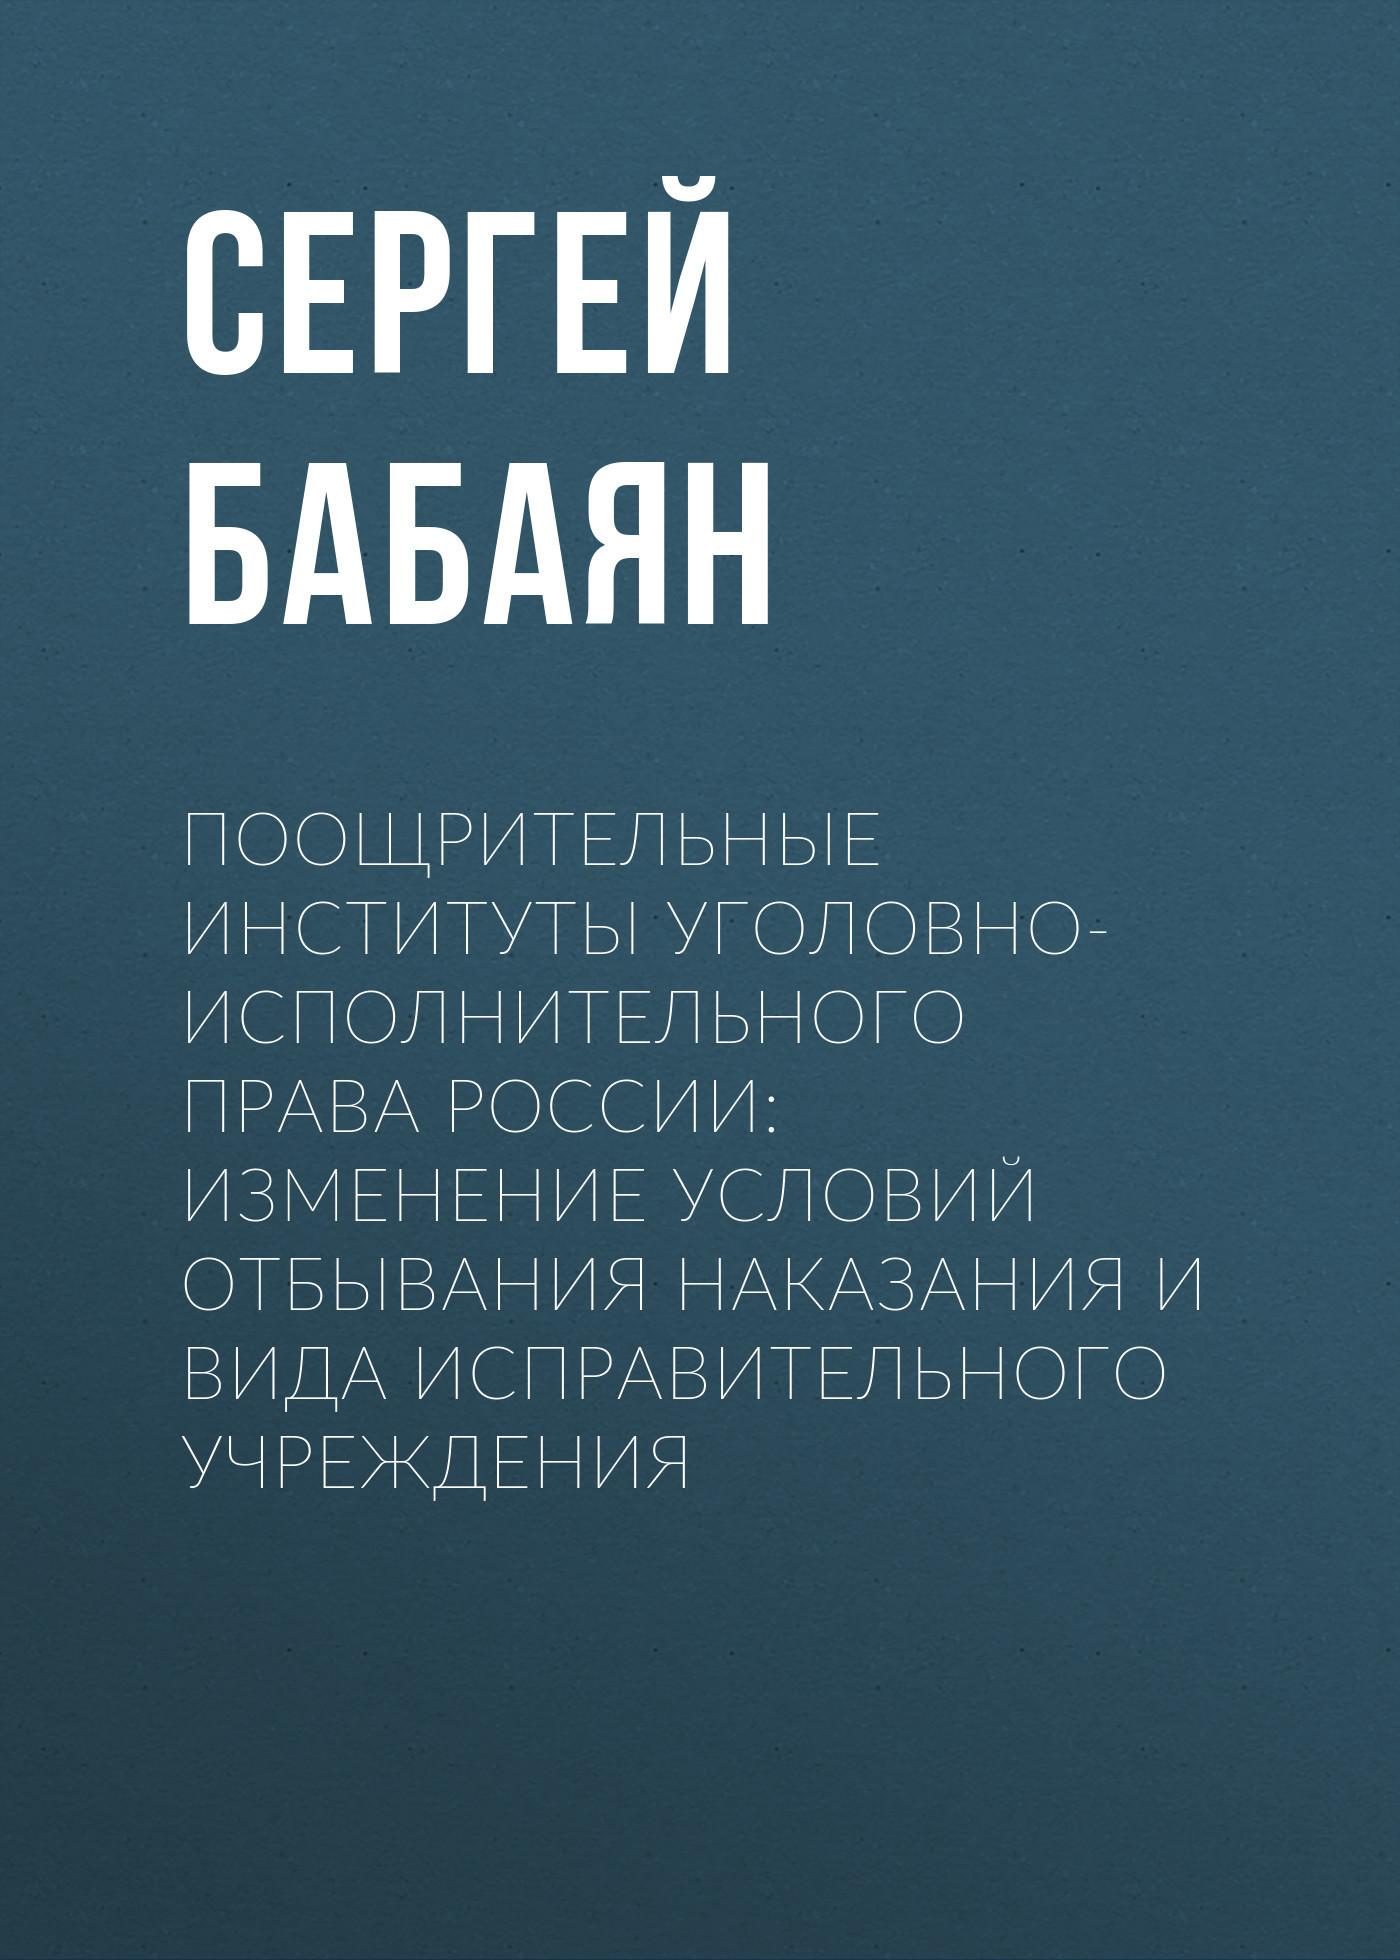 Сергей Бабаян - Поощрительные институты уголовно-исполнительного права России: изменение условий отбывания наказания и вида исправительного учреждения